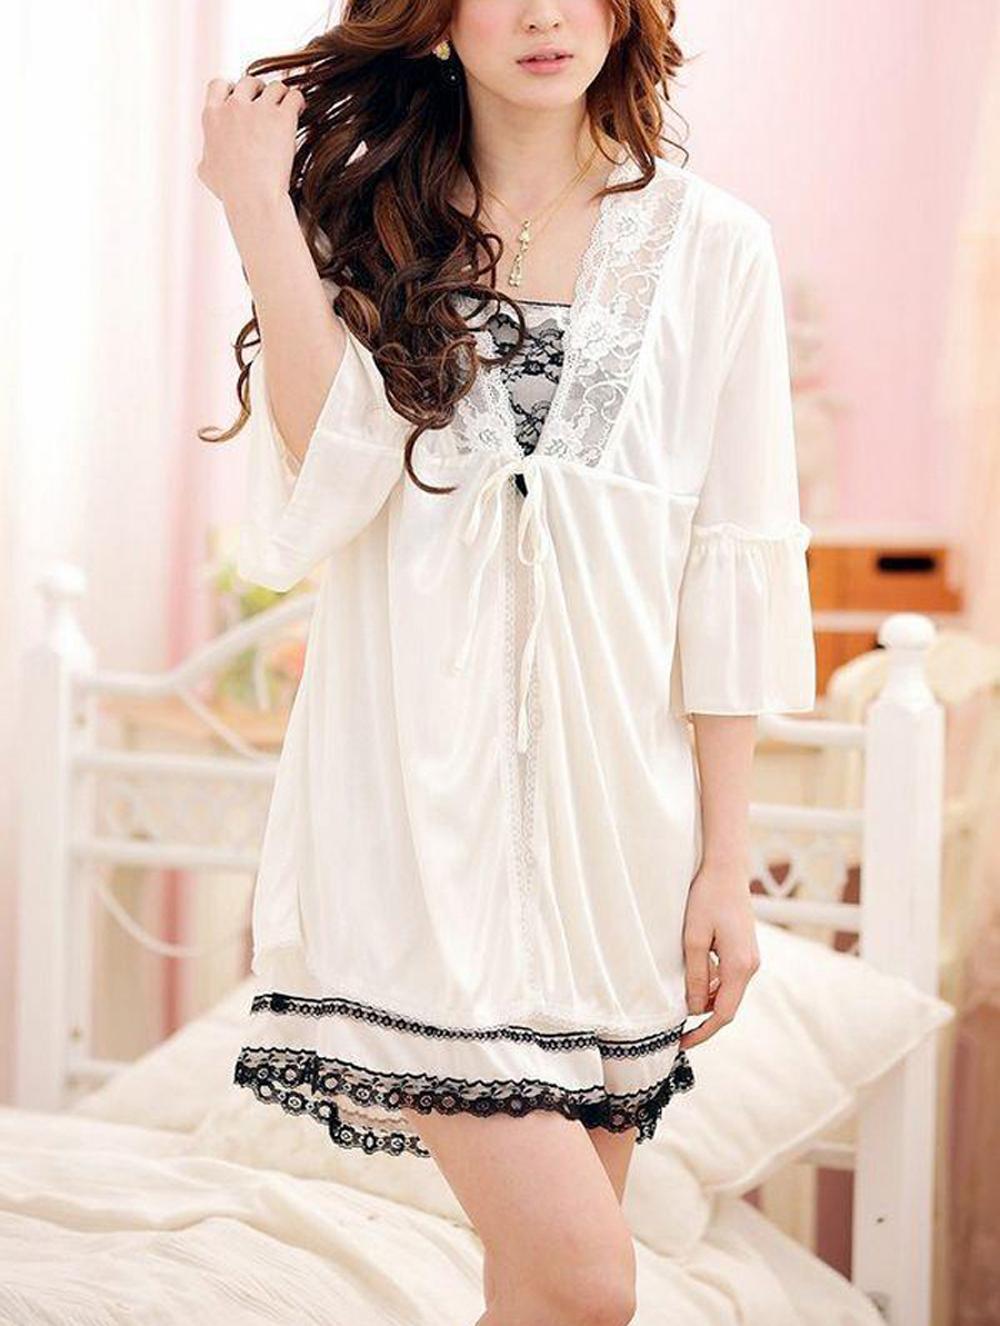 Mode Frauen Damen Sexy Sommer Lace Strap Nachtkleid Nachtwäsche Set SL